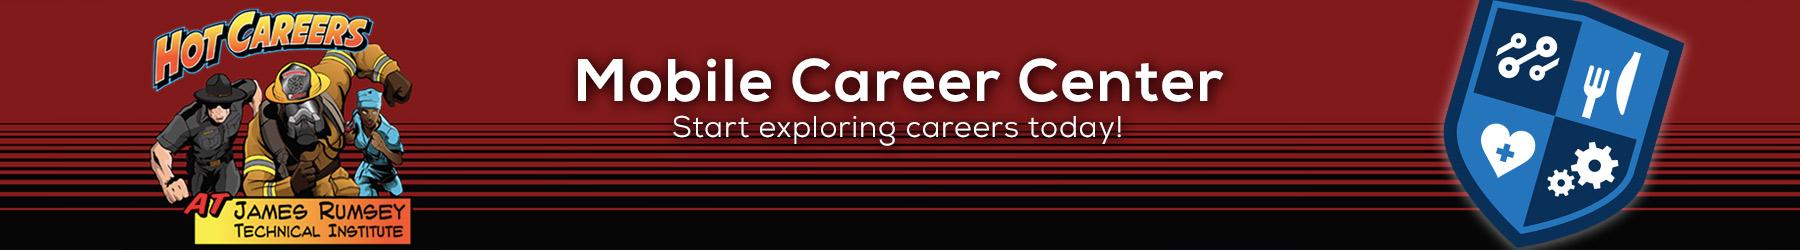 Mobile Career Center